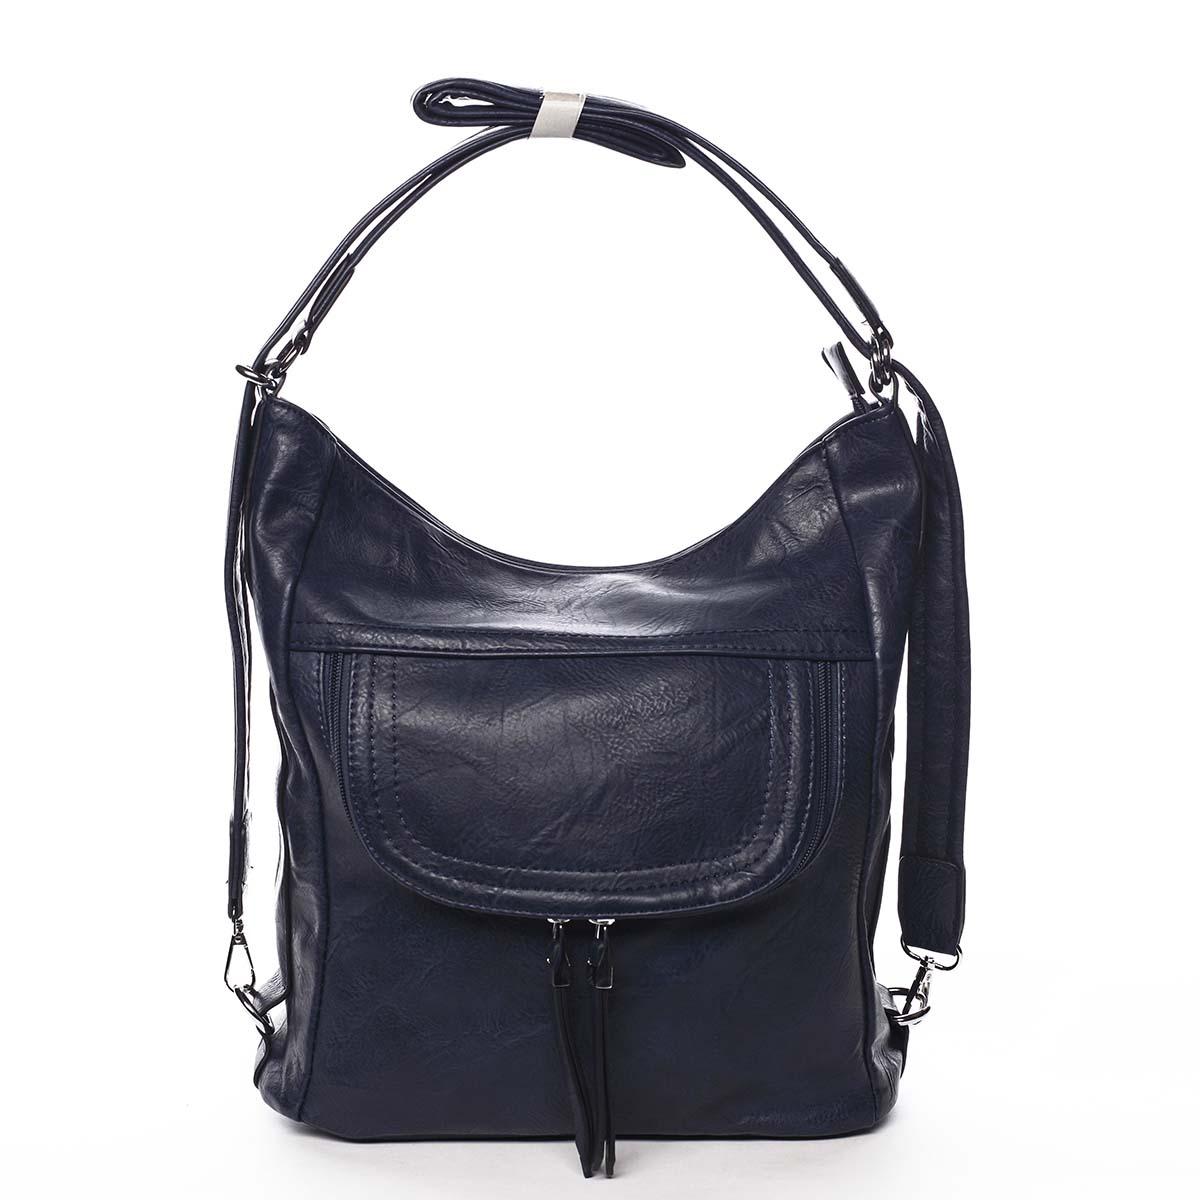 Dámská kabelka batoh tmavě modrá - Romina Godzilla